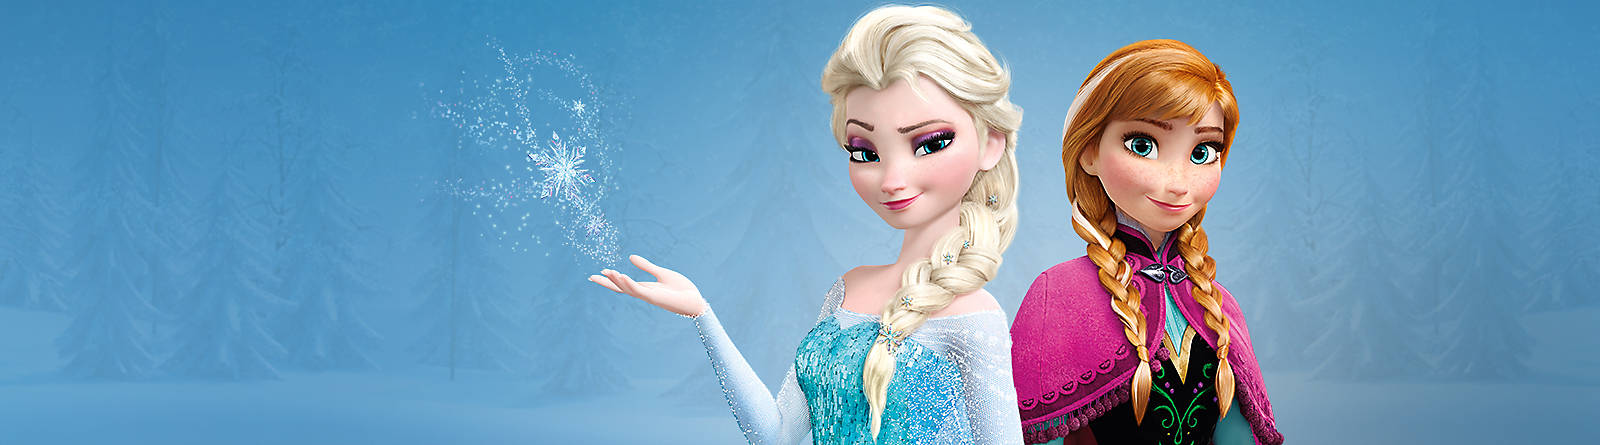 Frozen Scopri il magico Regno di Arendelle assieme alla nostra linea originale di costumi, set da gioco, bambole, linee di abbigliamento e molto altro ancora dedicato ai meravigliosi personaggi del film Disney Frozen, il Regno di ghiaccio